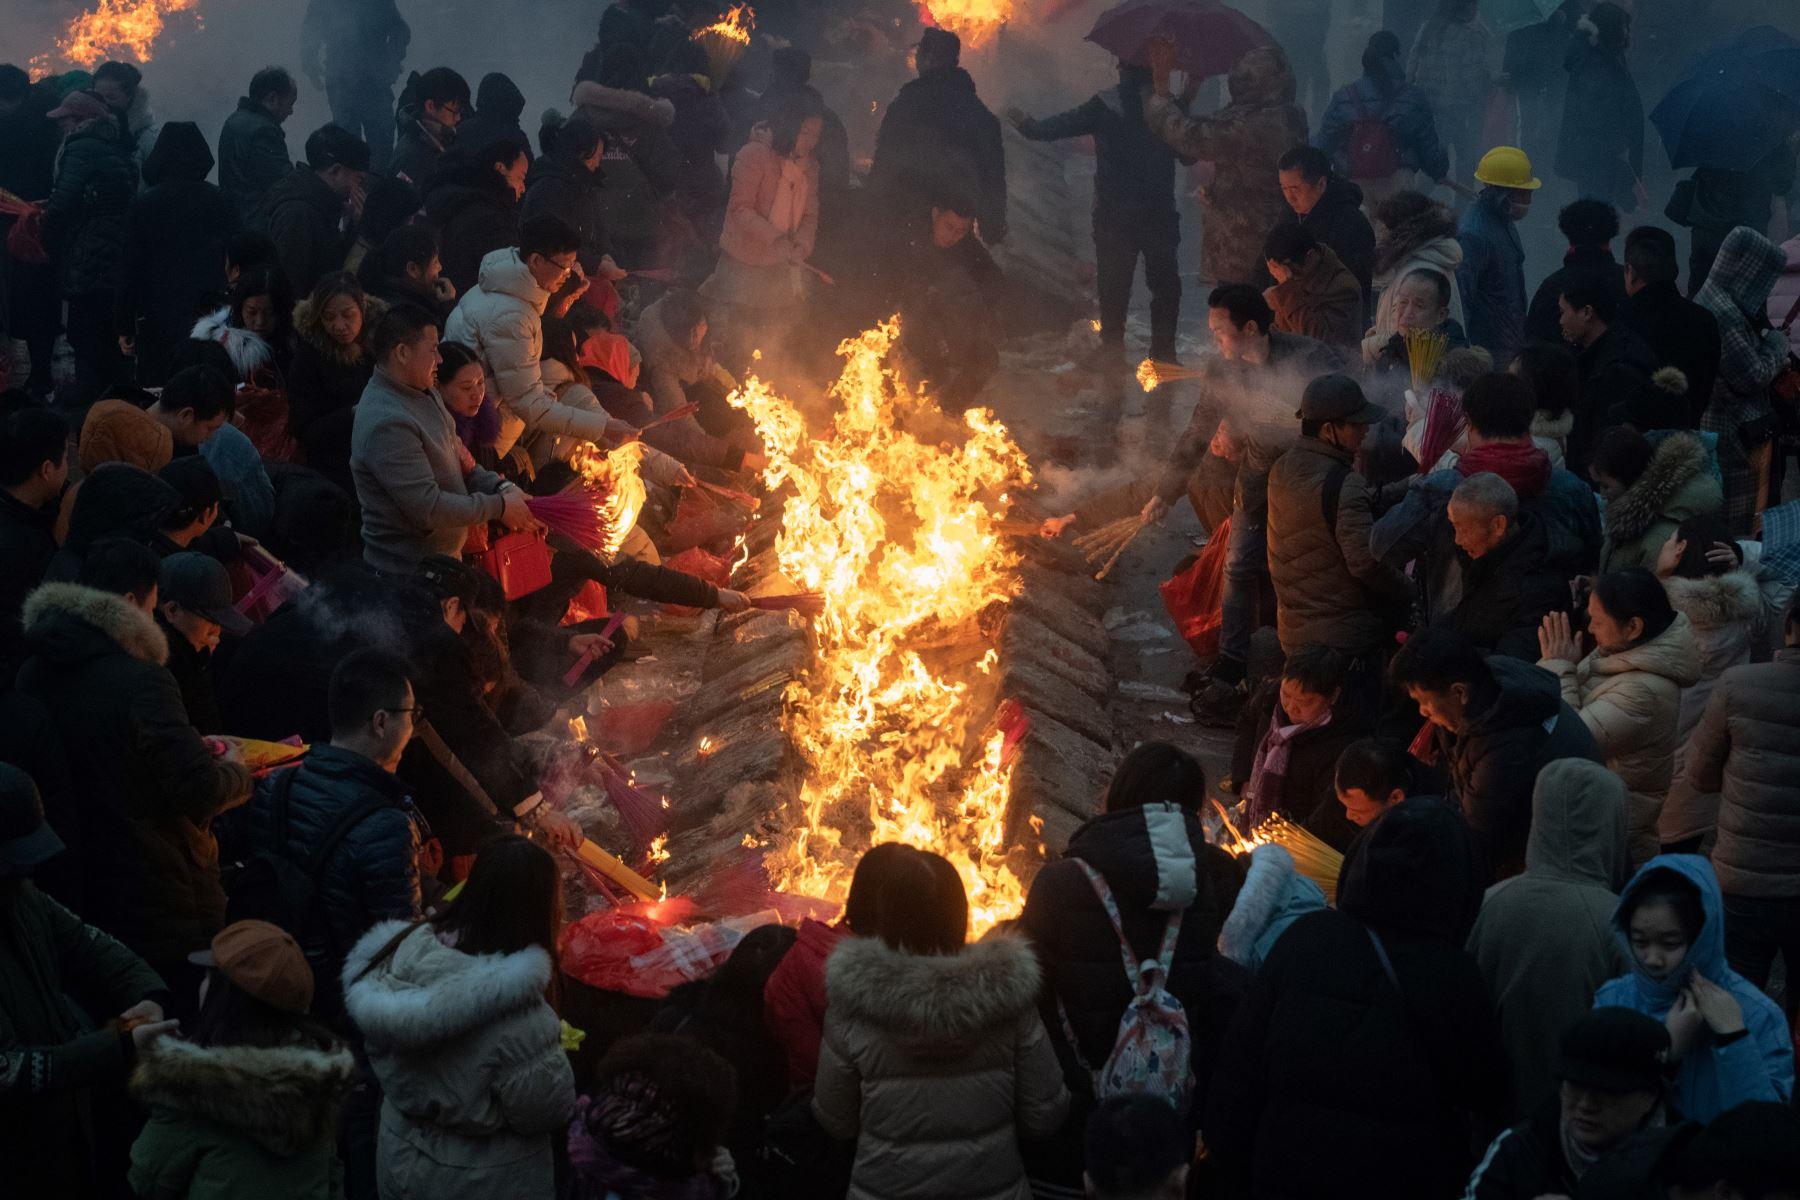 Los fieles chinos ofrecen oraciones y queman incienso en el quinto día del Año Nuevo Lunar en el Templo Budista Guiyuan en Wuhan, provincia de Hubei, centro de China,  ya que China celebra el Año del Cerdo con una semana de vacaciones en el Festival de Primavera. , el festival más importante del año. Miles de fieles chinos queman incienso y otras ofrendas al Dios de la Riqueza en el quinto día del Año Nuevo Lunar en el Templo Guiyuan, en Wuhan, en el centro de China. AFP